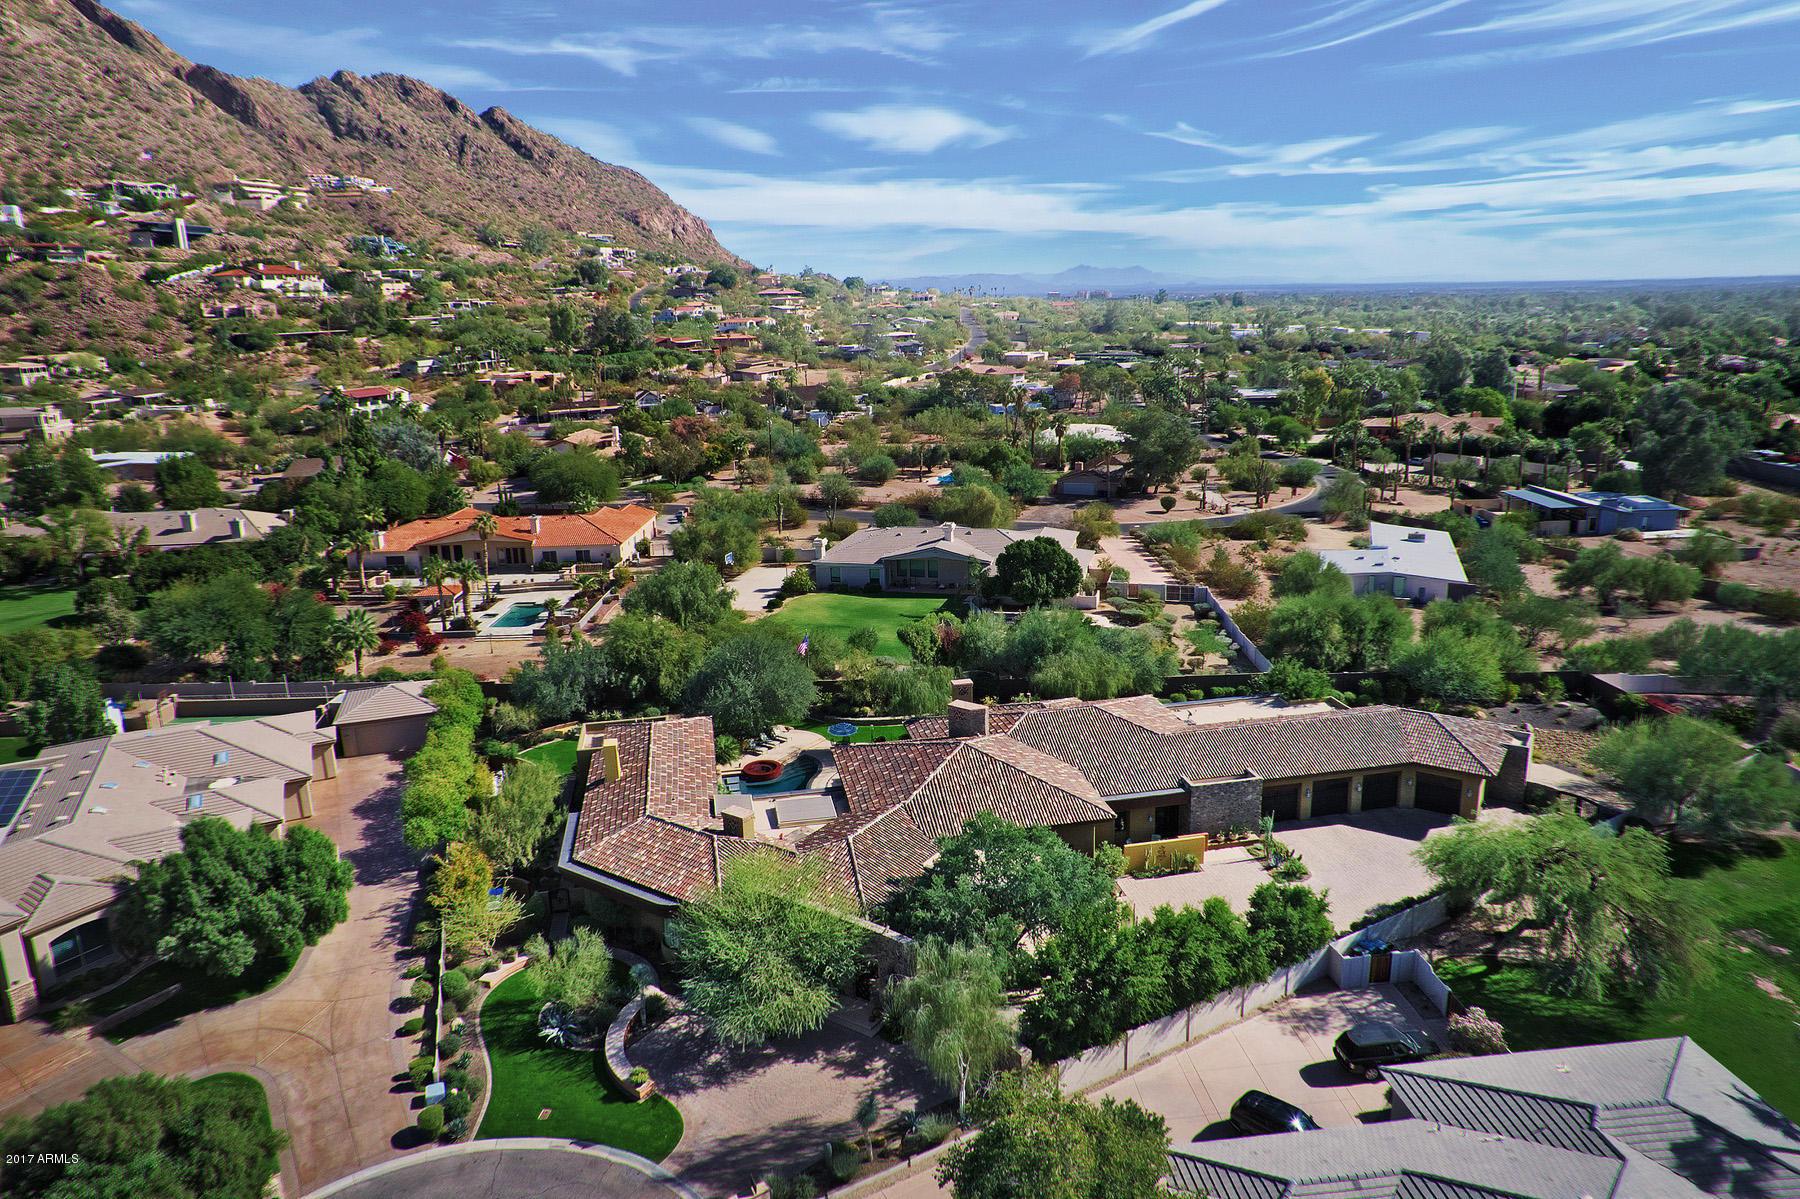 MLS 5548384 5144 E PALOMINO Road, Phoenix, AZ